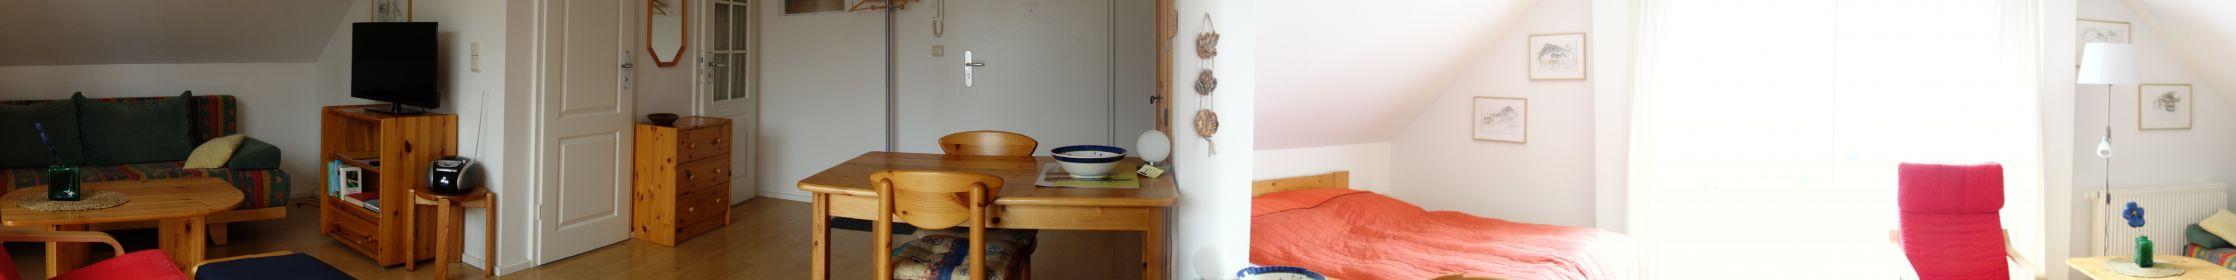 appartement-bernstein-3-panorama